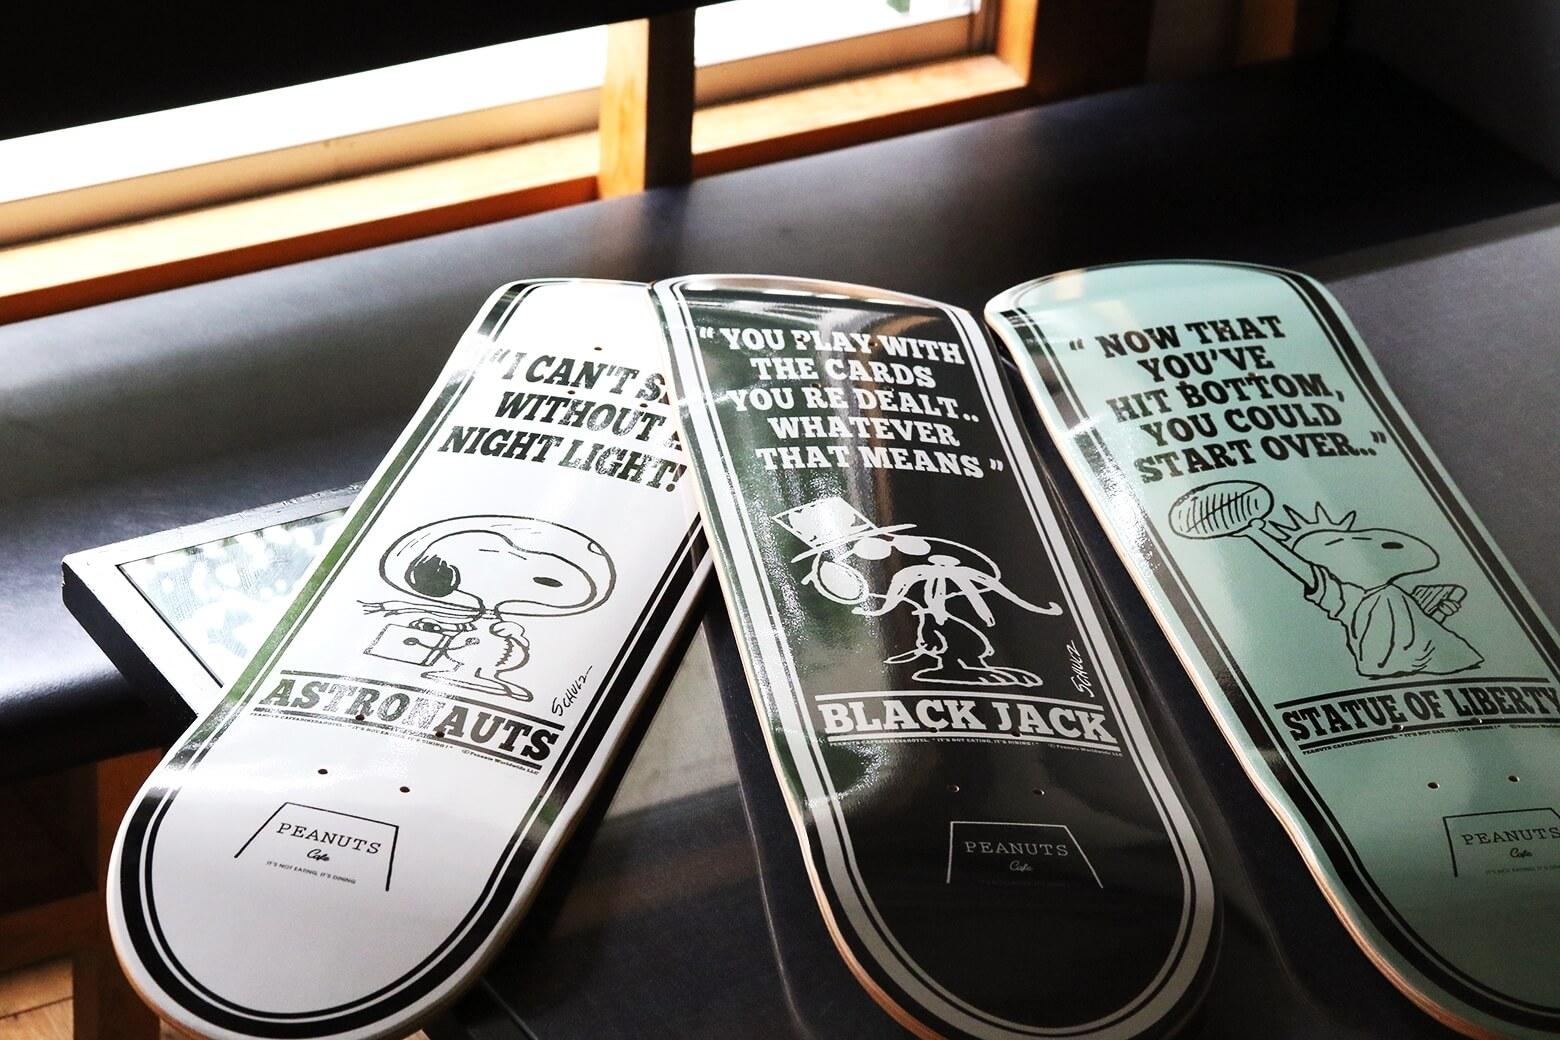 【数量限定】変装スヌーピーのスケートボードデッキが「PEANUTS Cafe オンラインショップ」に登場!